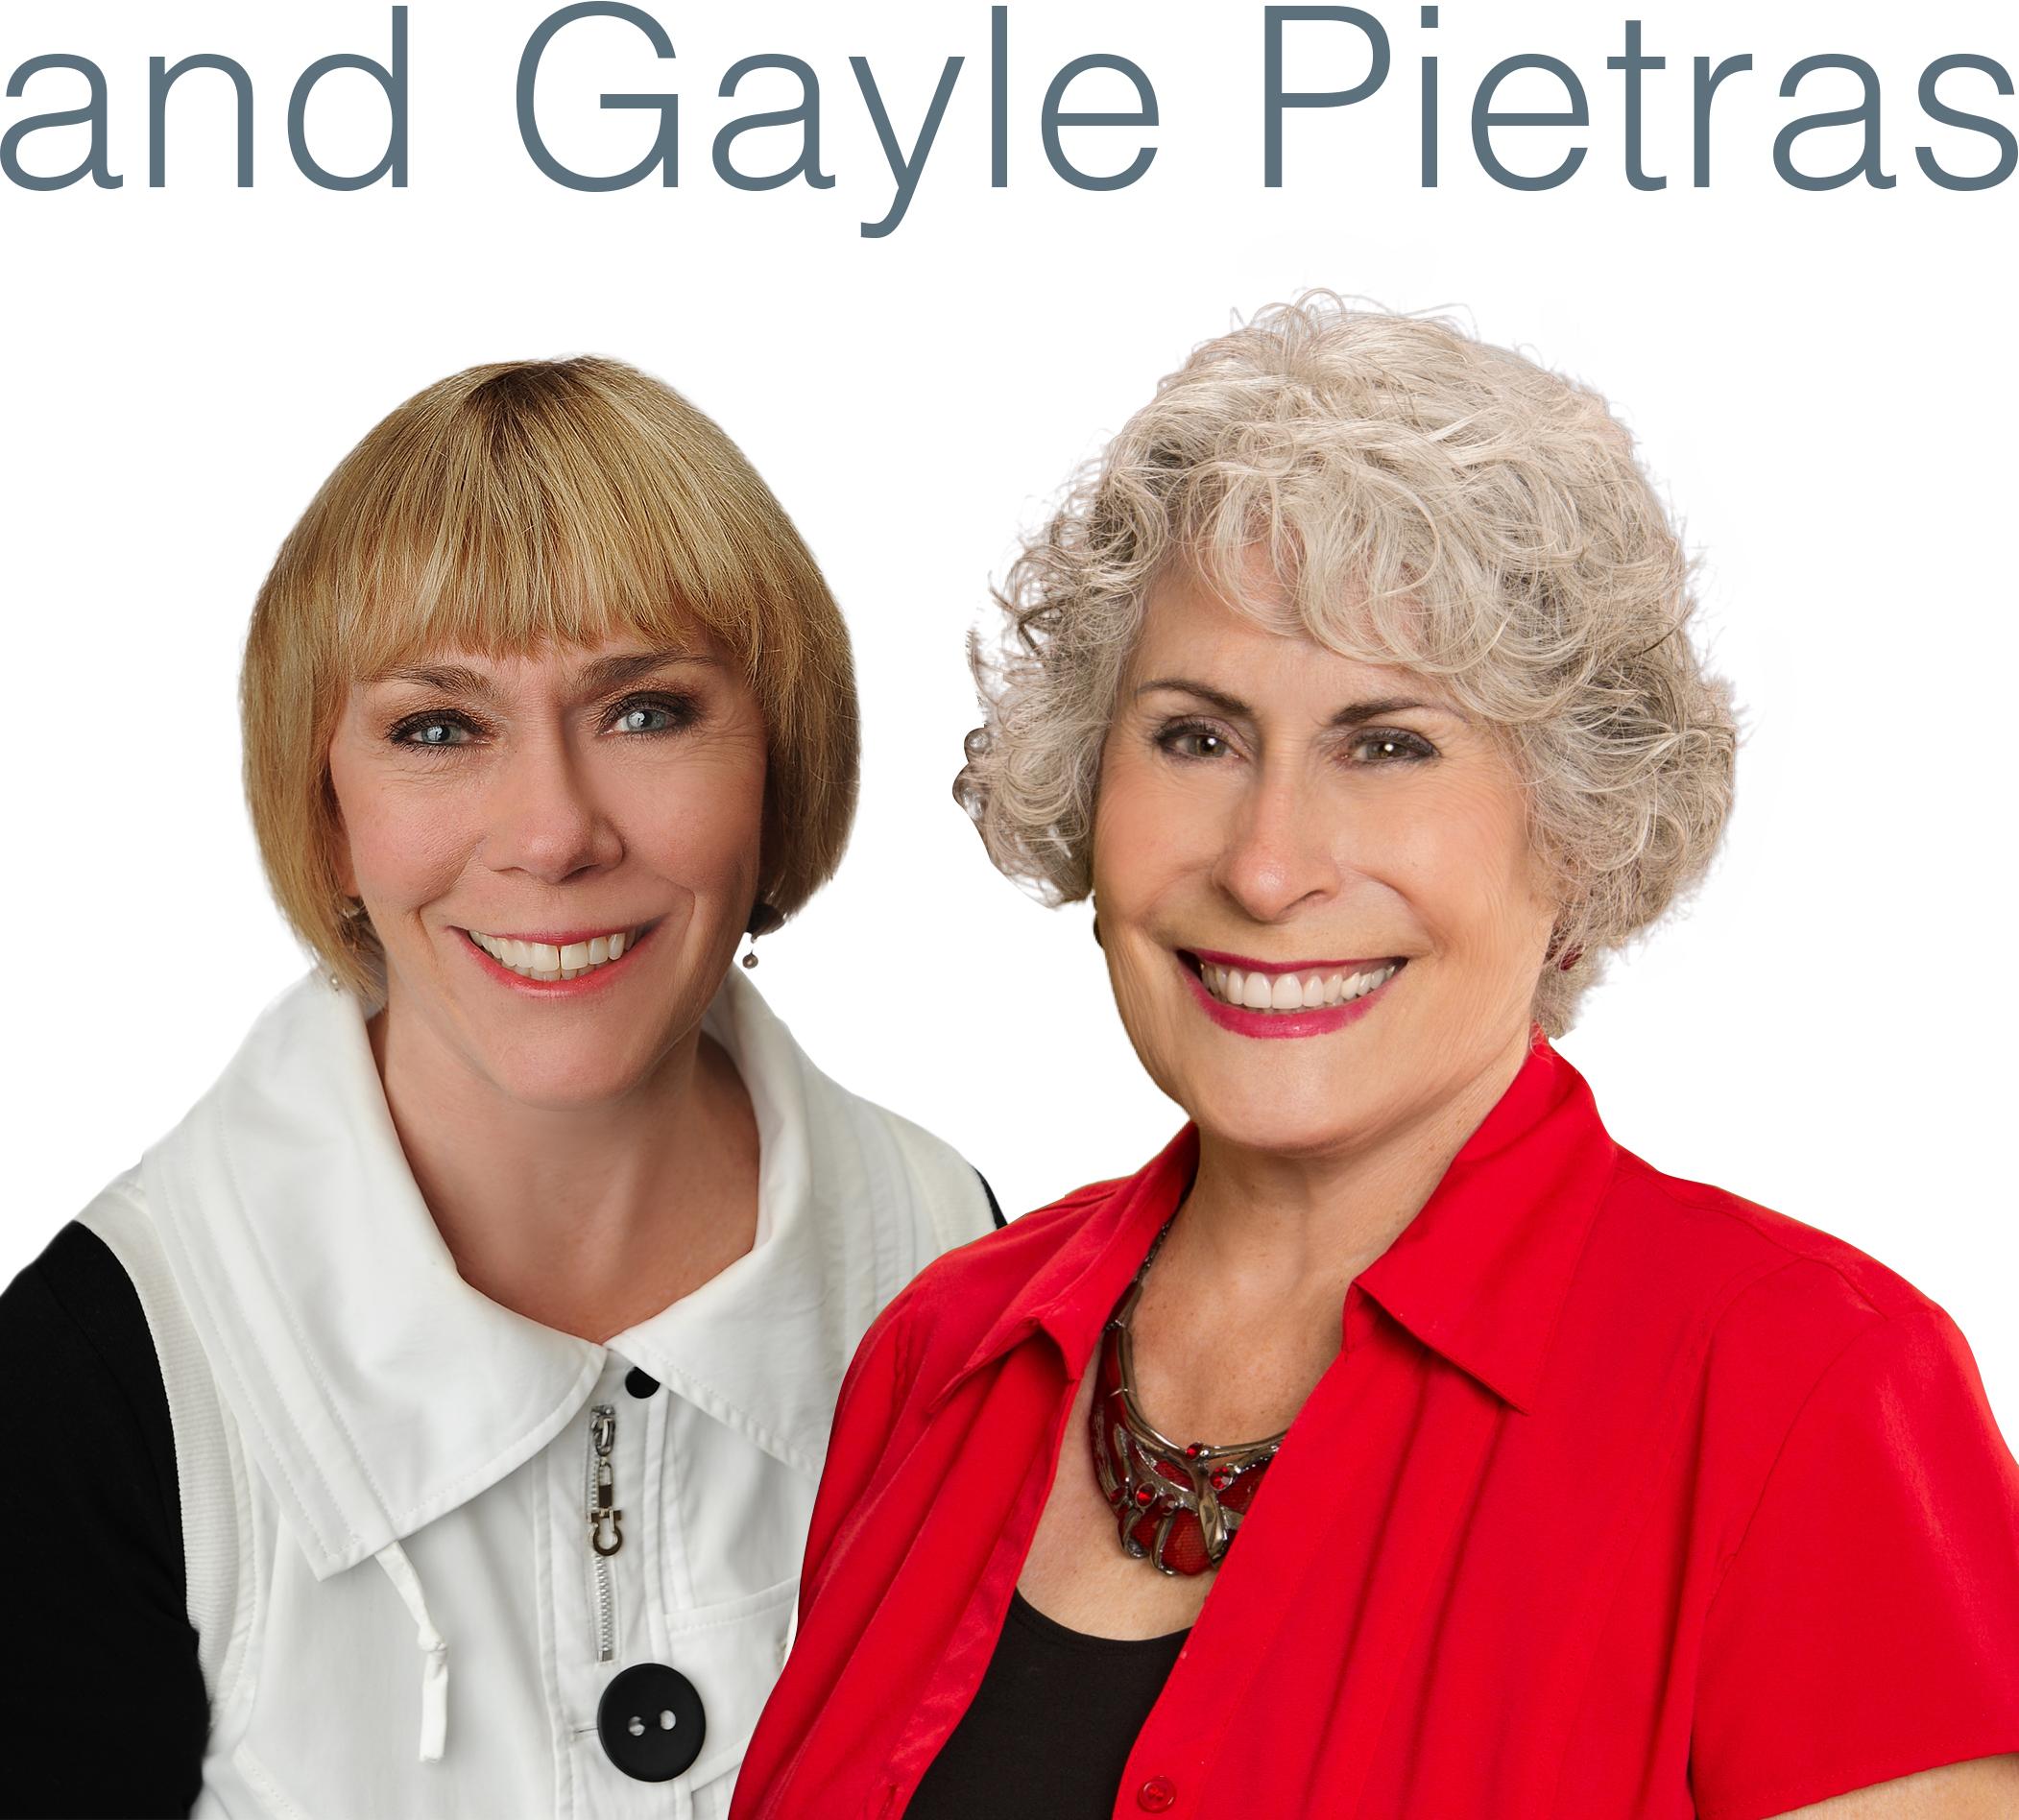 Linda and Gayle